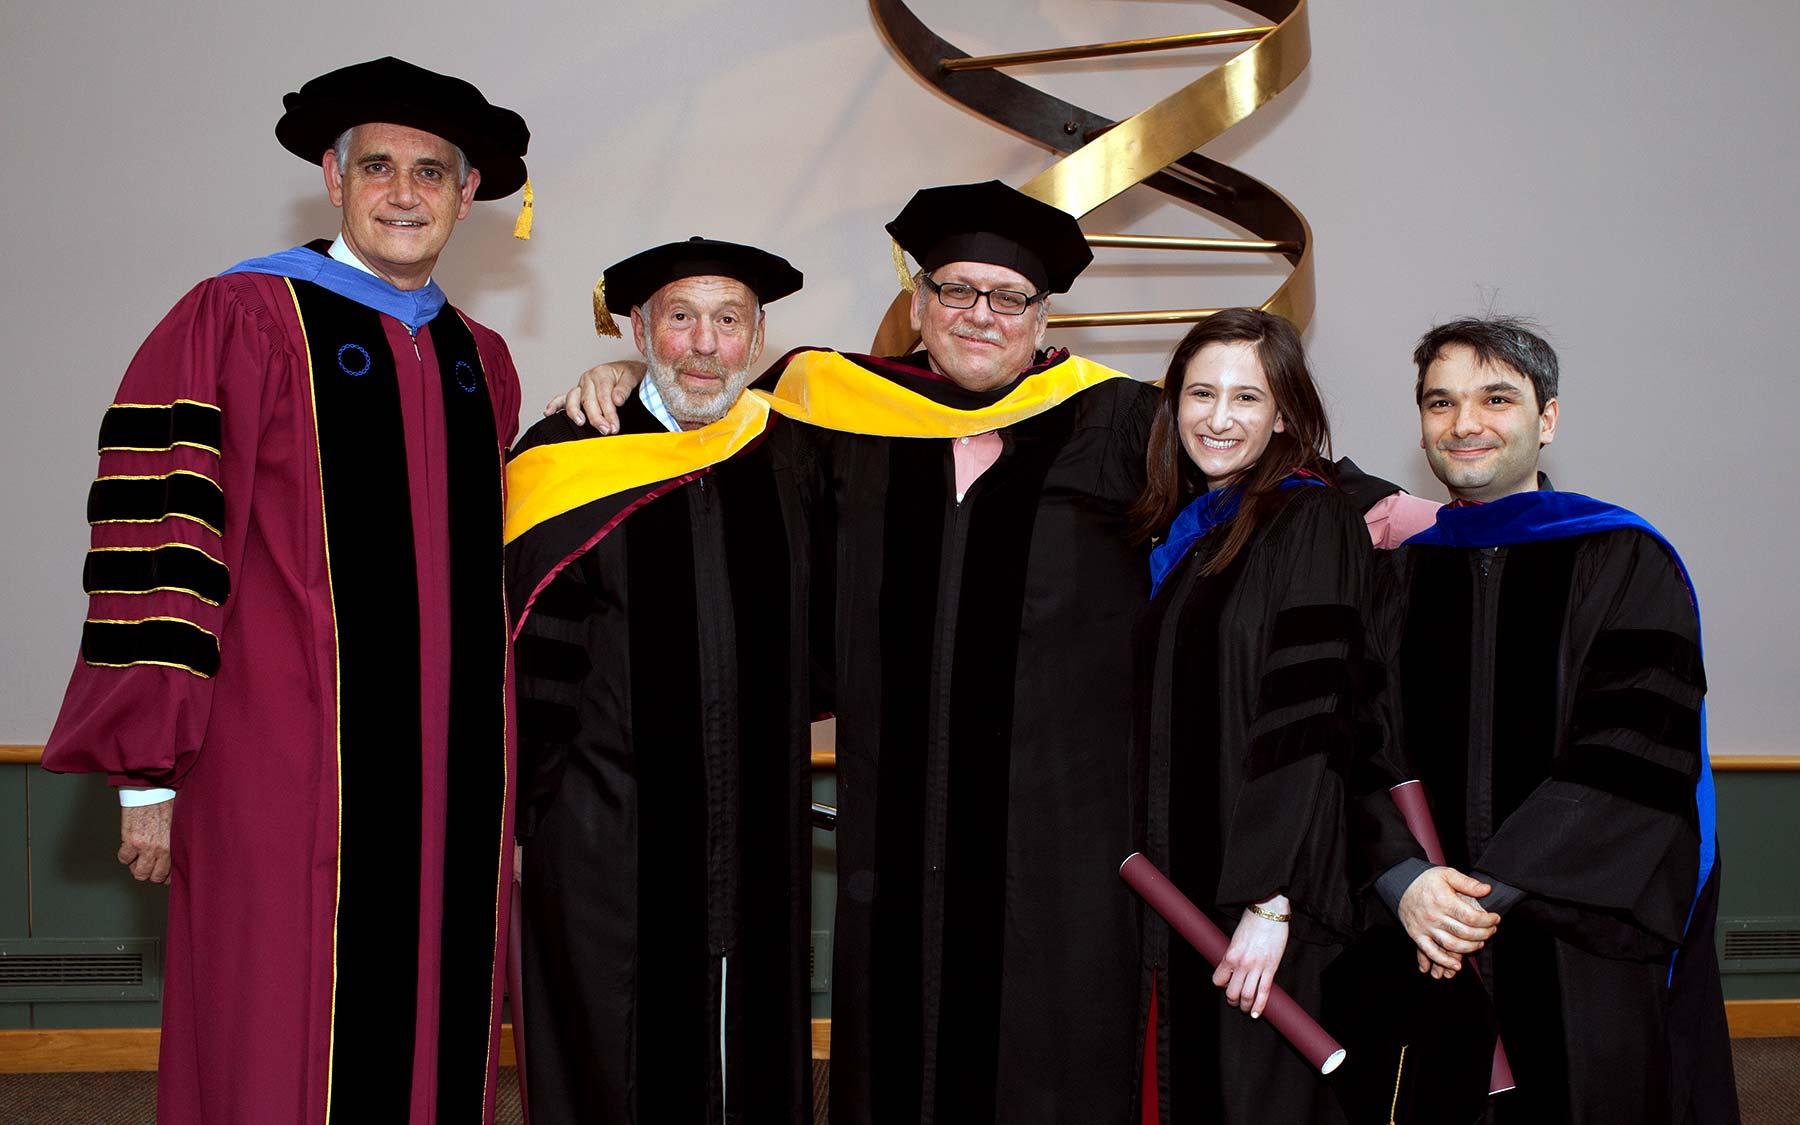 WSBS 2011 graduates